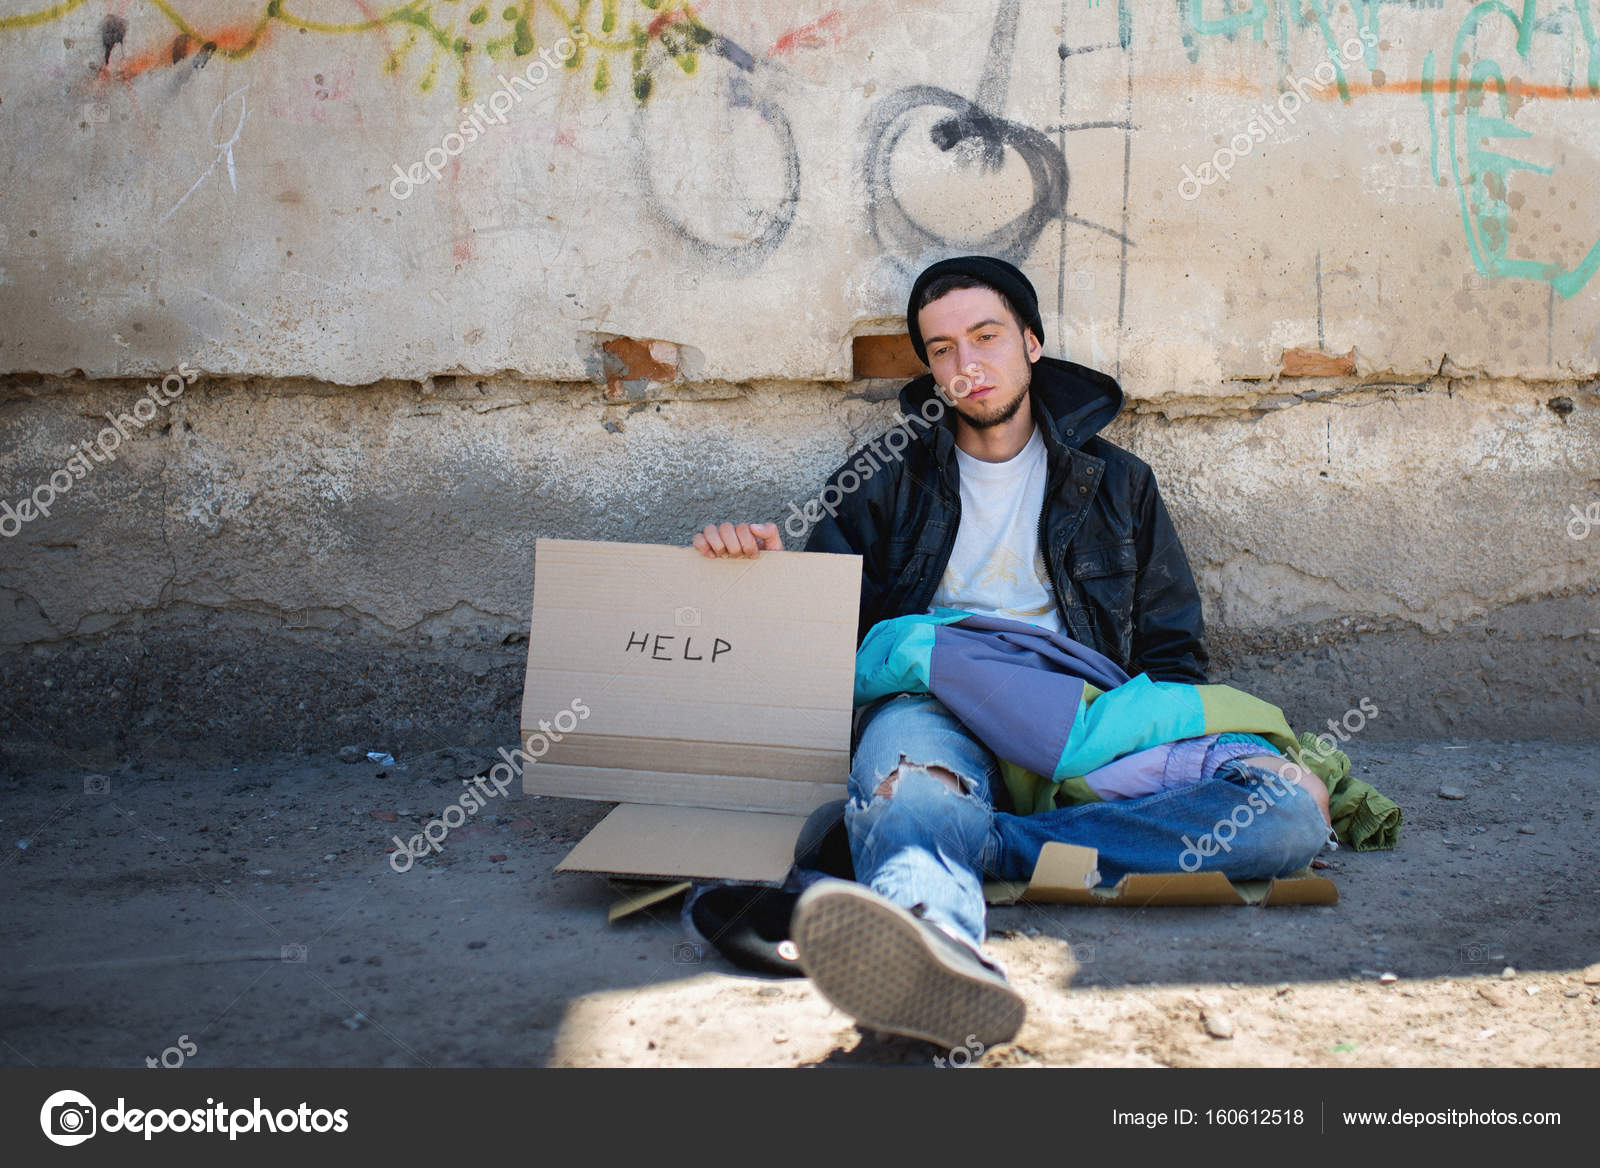 The guy fucks the homeless man photo